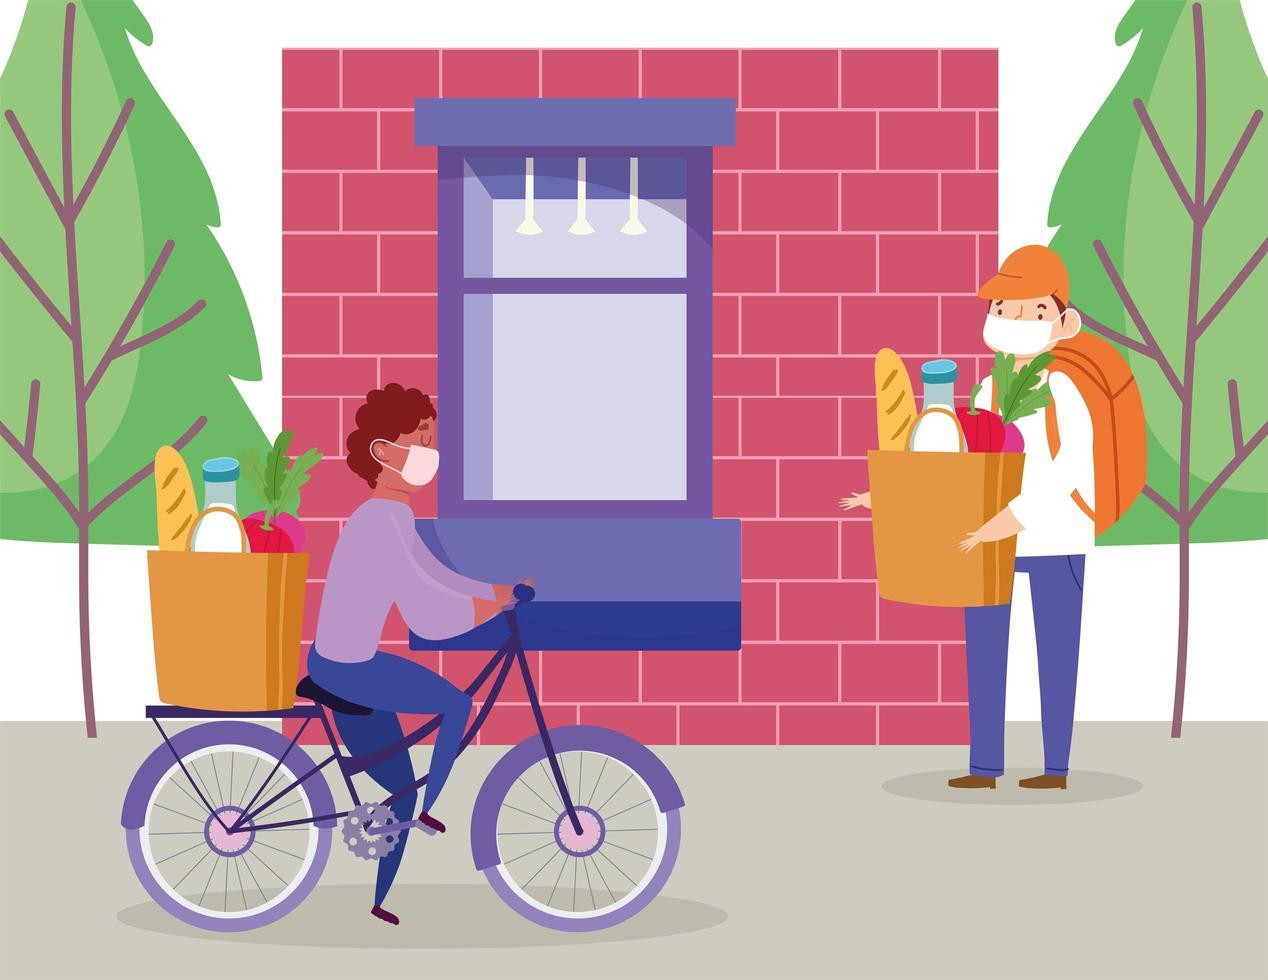 mensajero, andar en bicicleta, y, otro, caminar vector